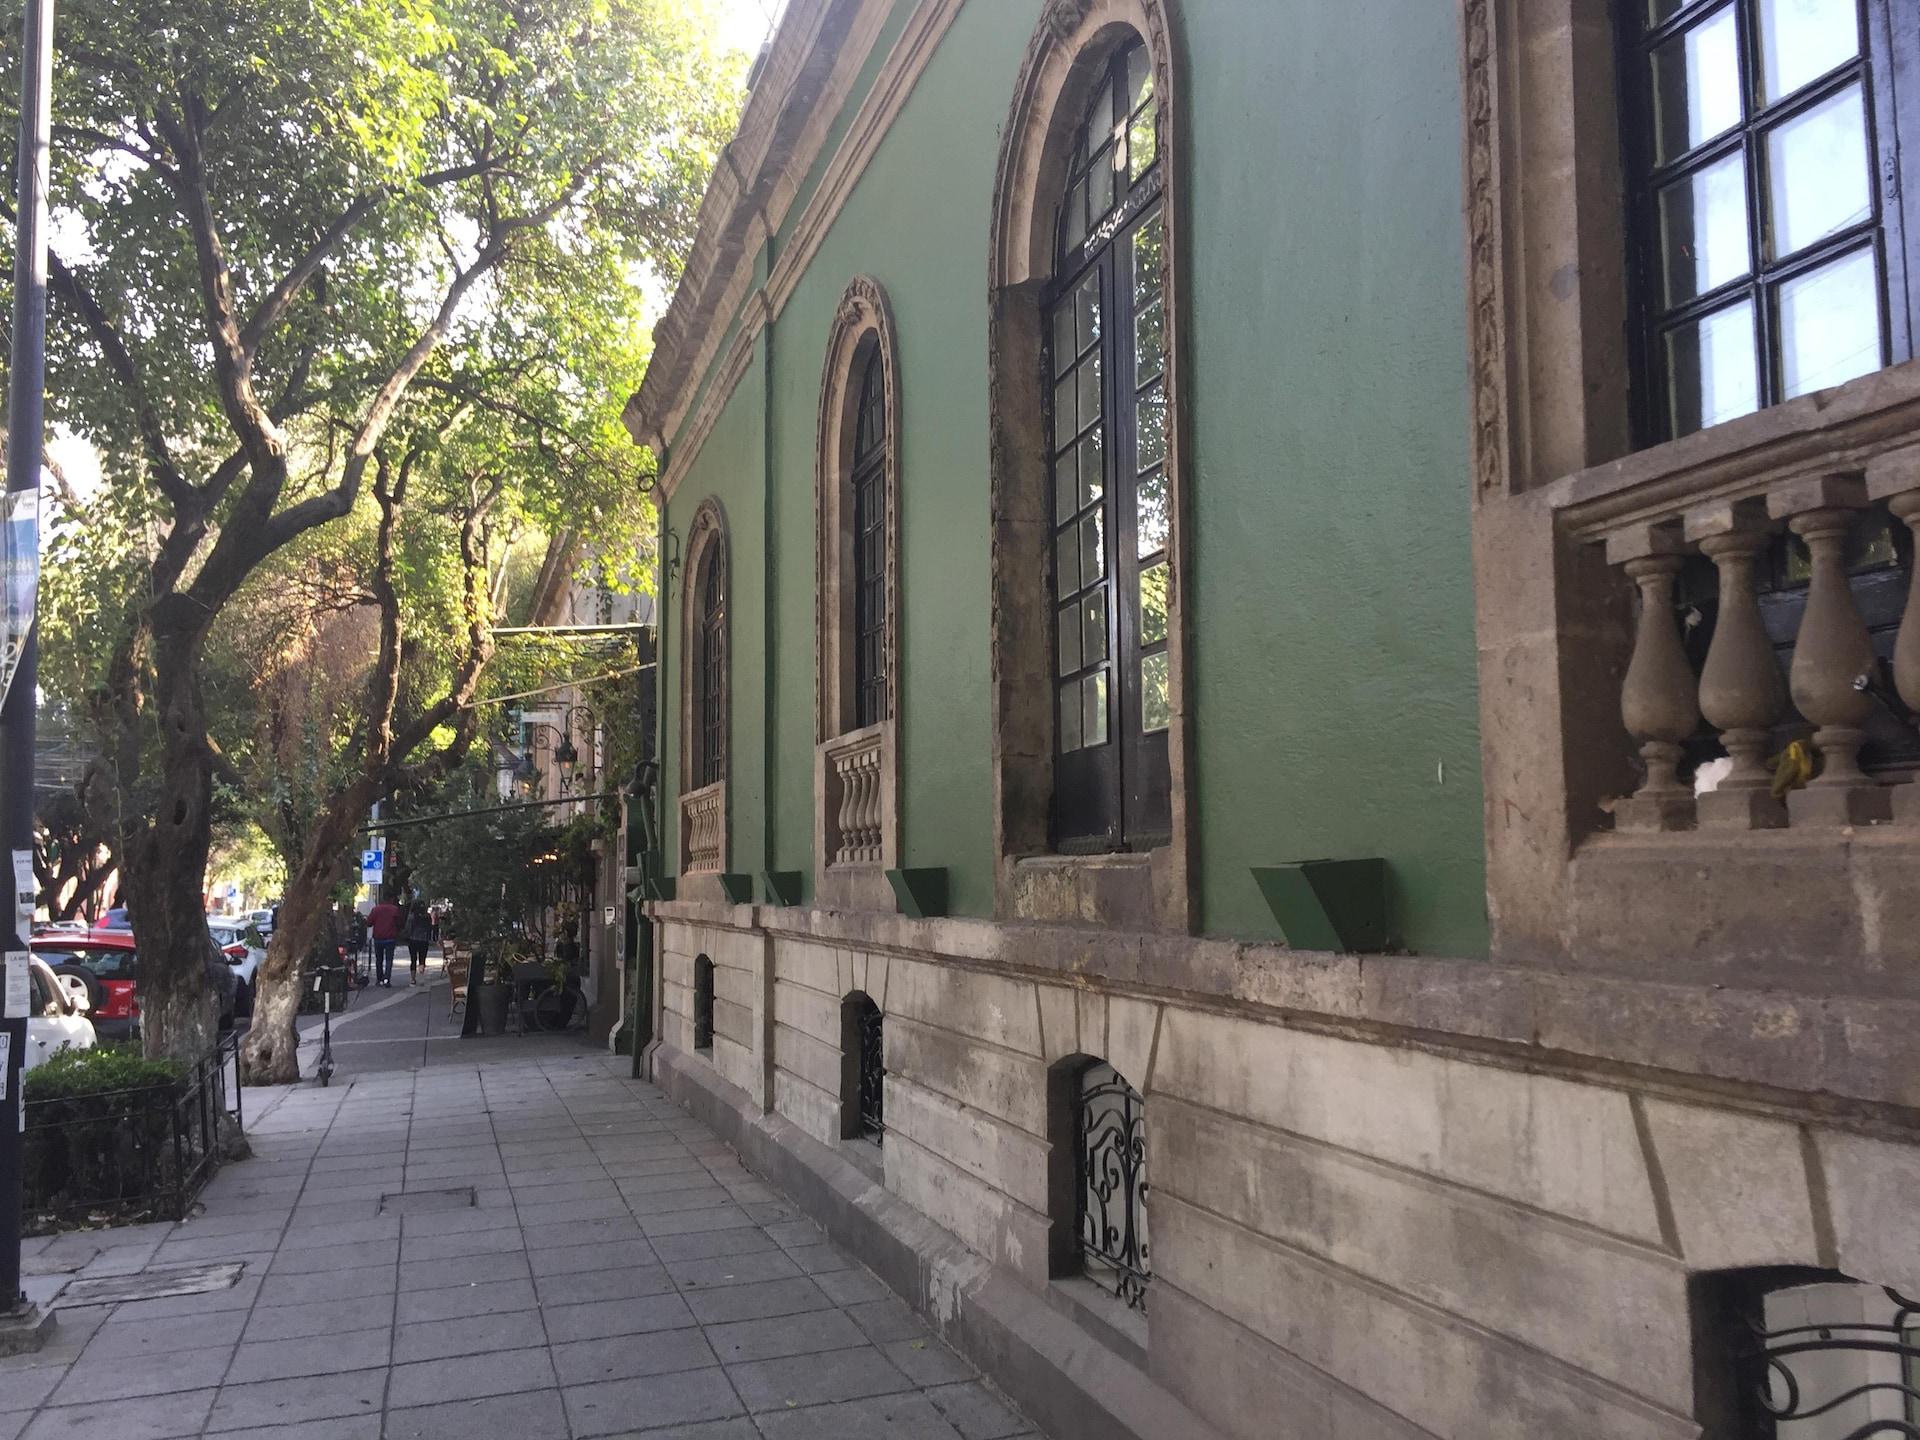 Un trottoir pavé large et bordé d'arbres, et un bel immeuble.